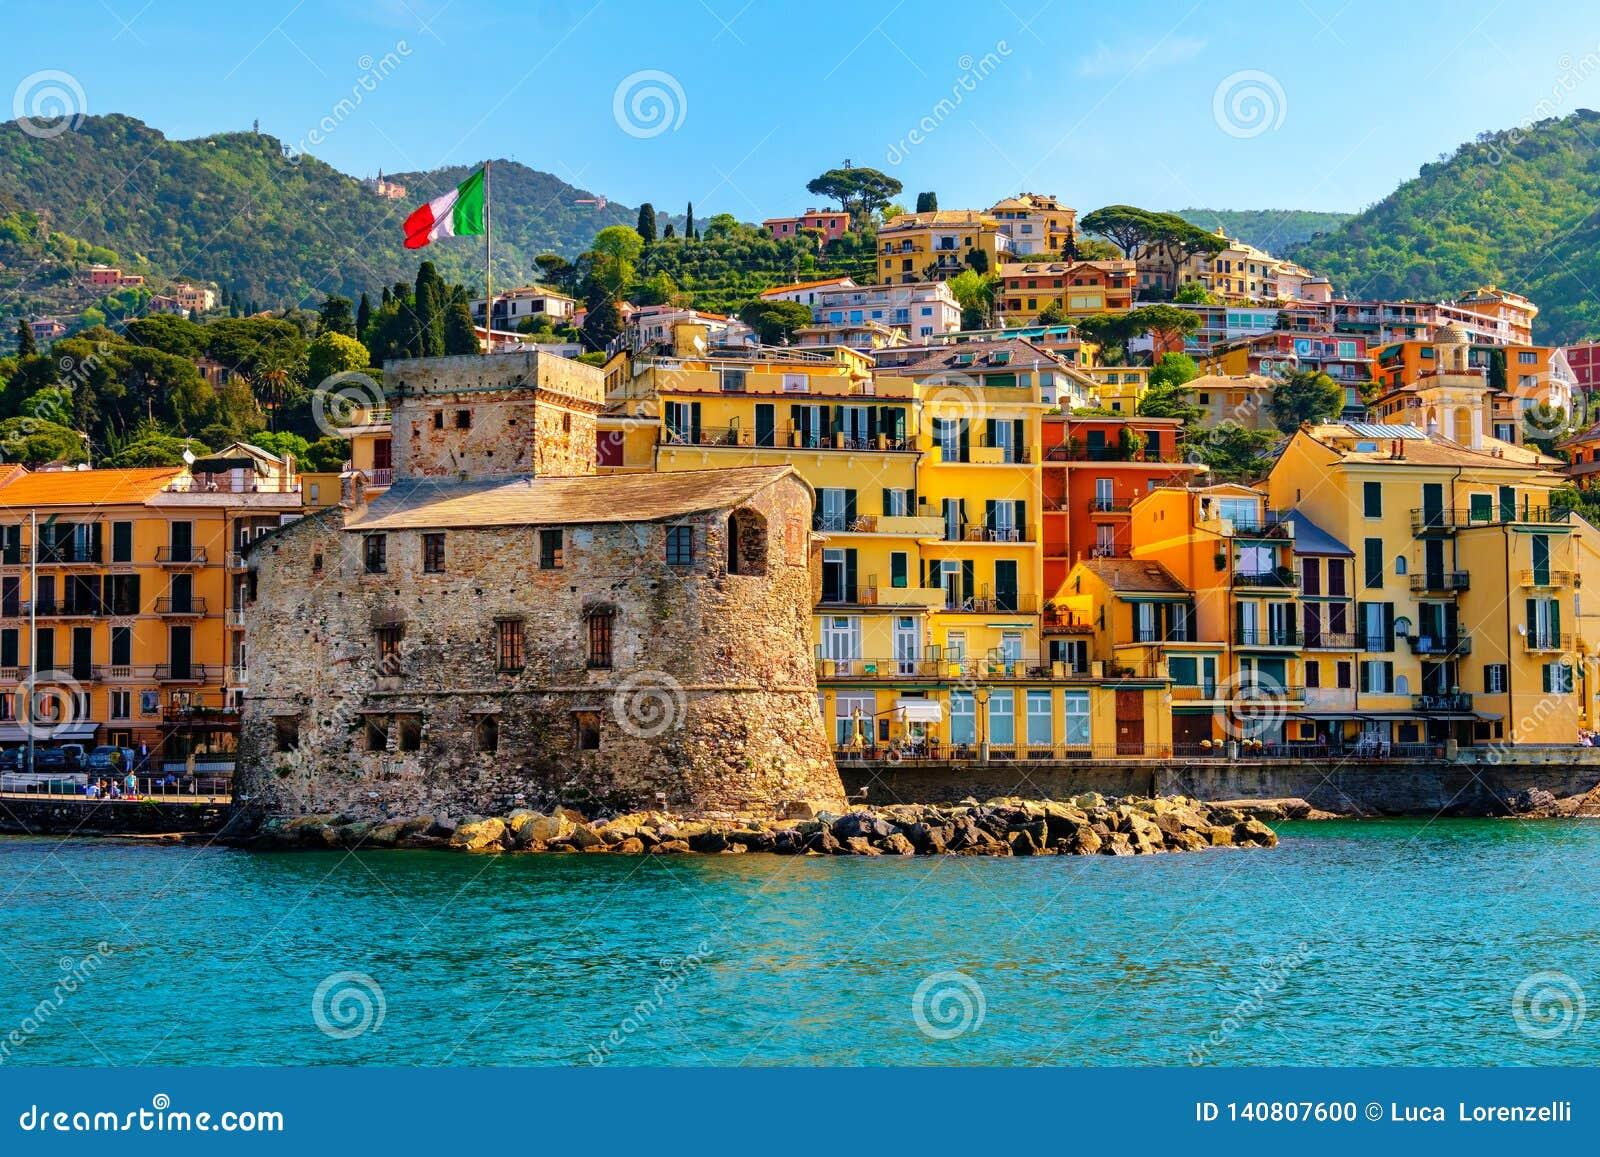 Italiaans kasteel door het overzees Castello Di Rapallo in het Italiaanse gebied van rivieraportofino - Genua - Ligurië - Italië